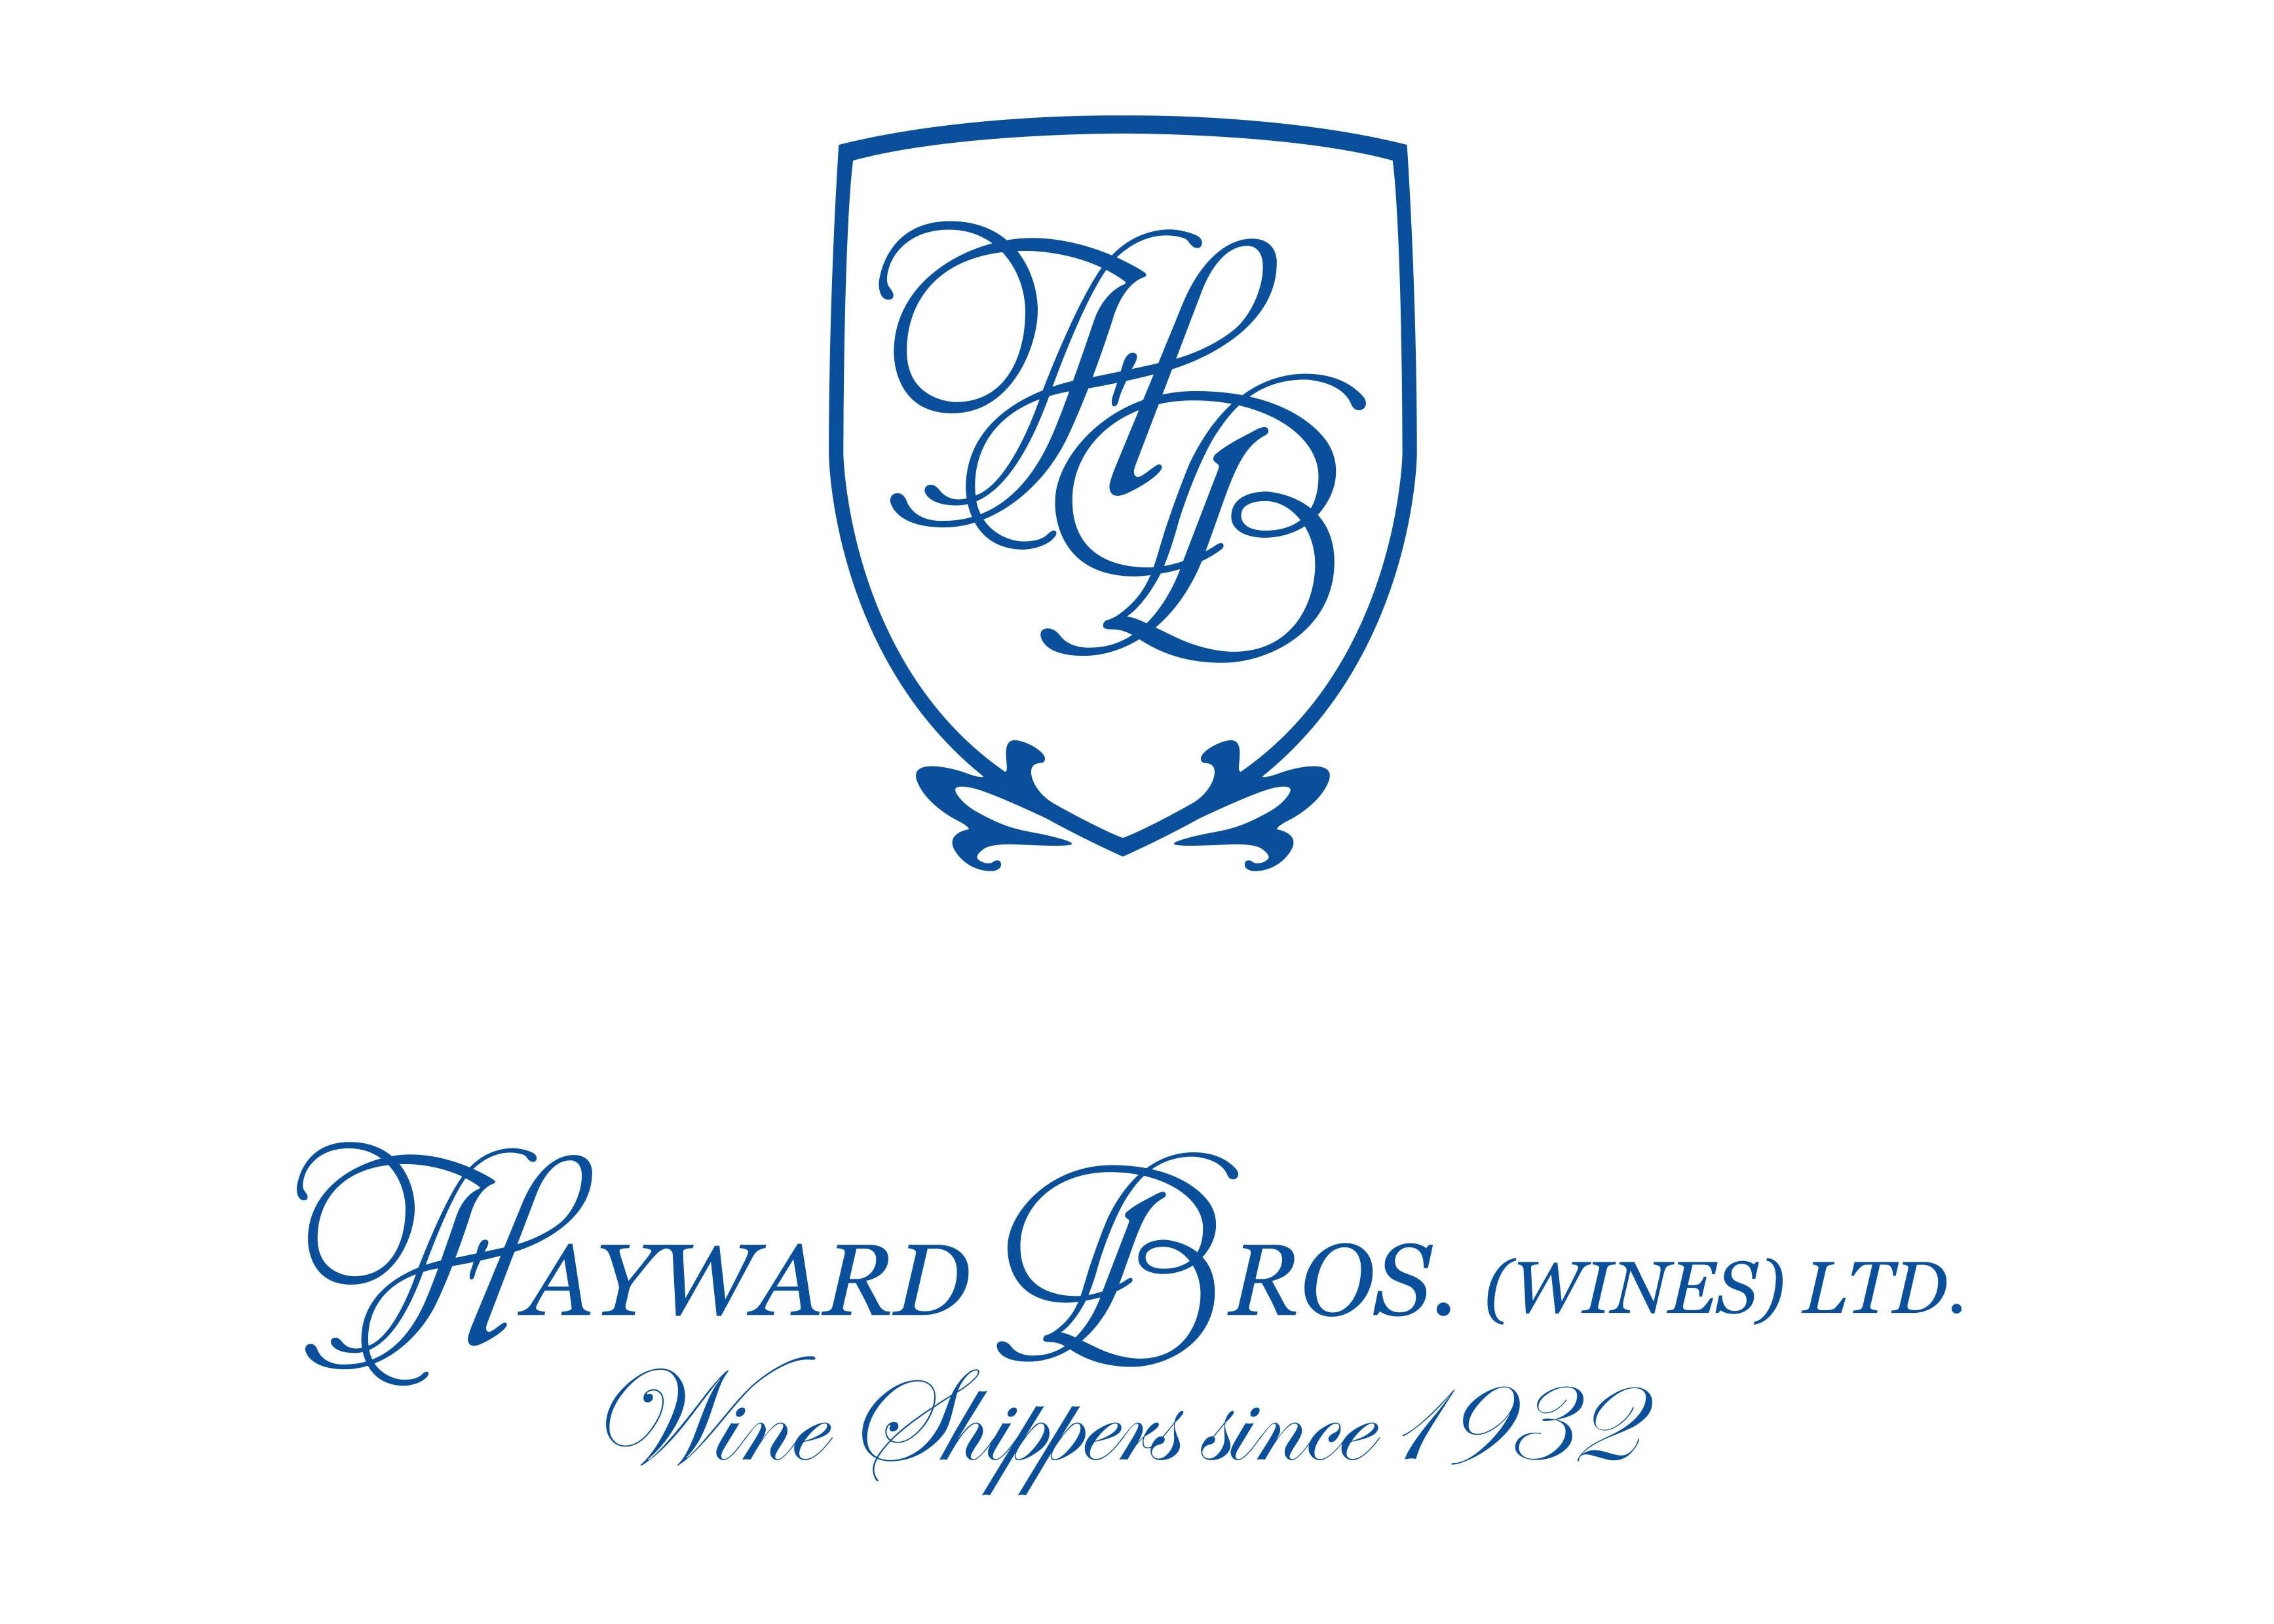 Hayward Bros (Wines)